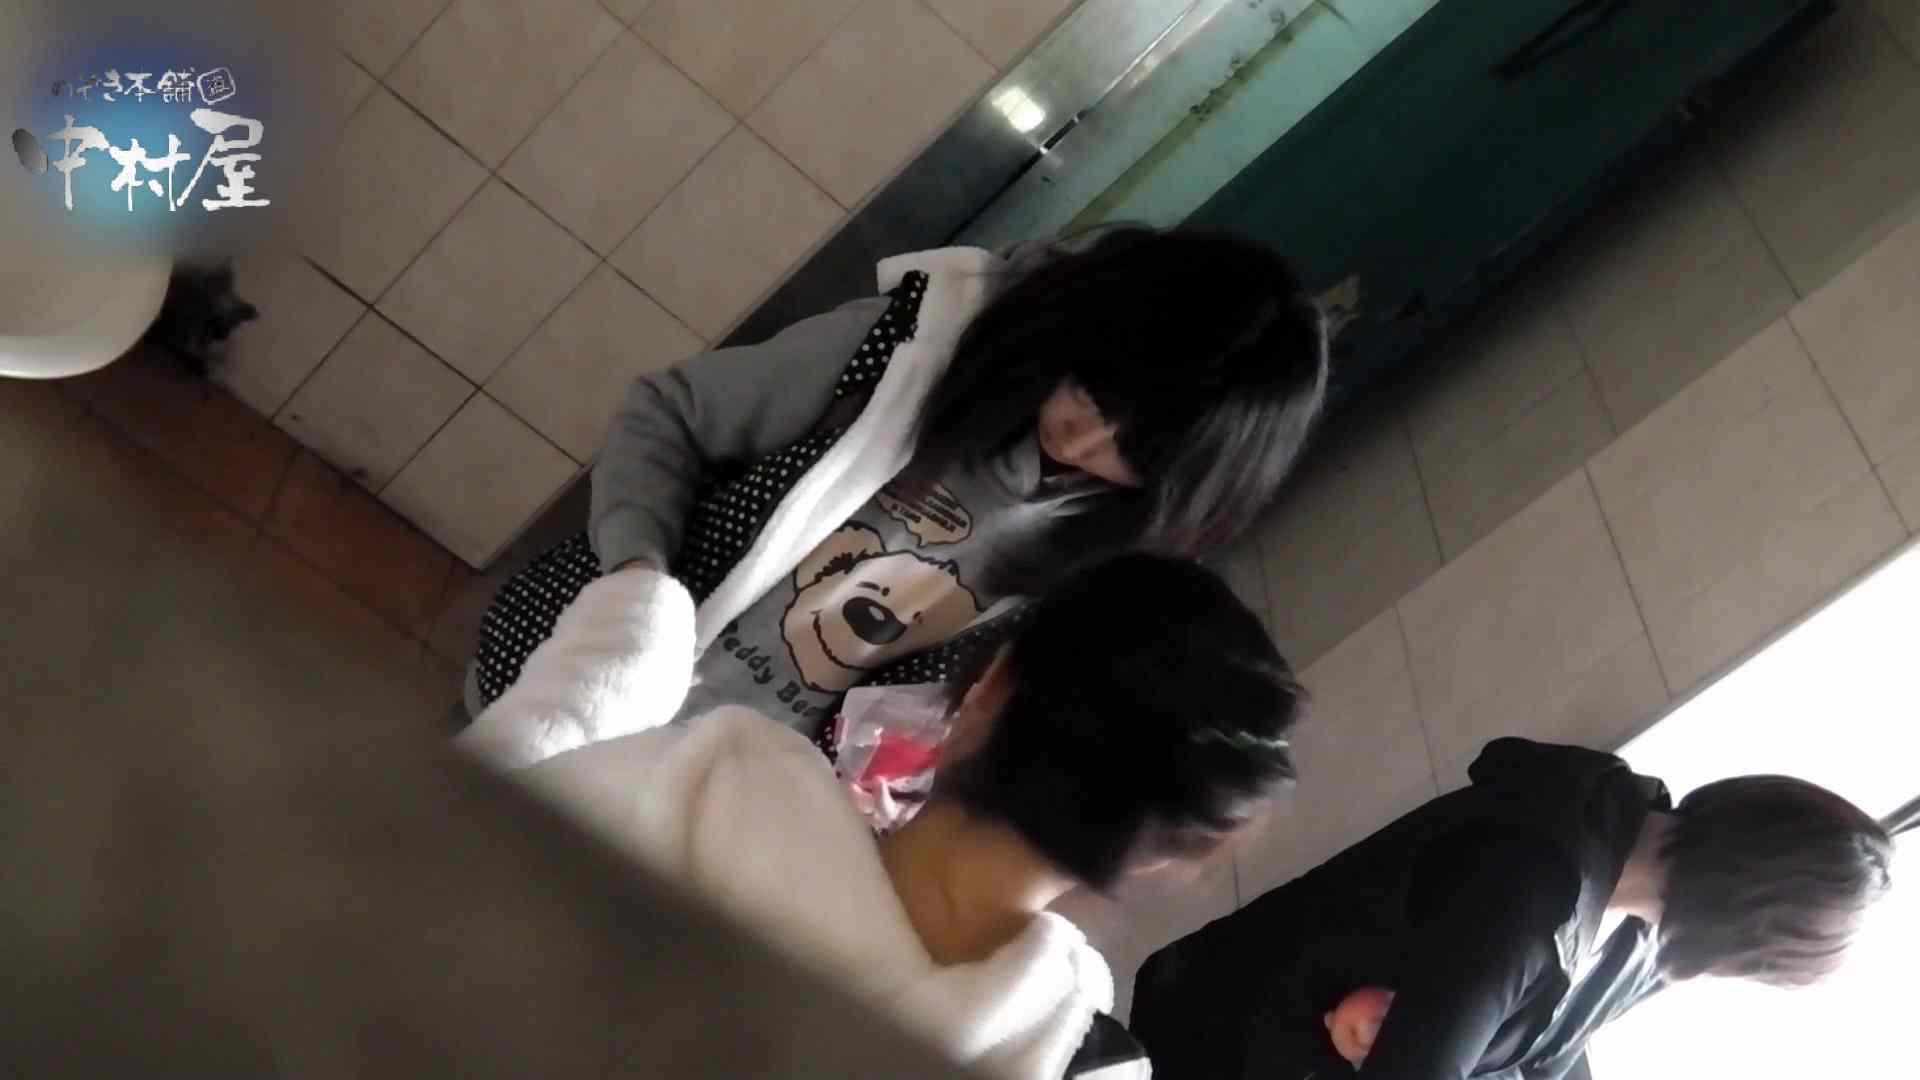 乙女集まる!ショッピングモール潜入撮vol.06 潜入突撃 覗きおまんこ画像 86pic 63